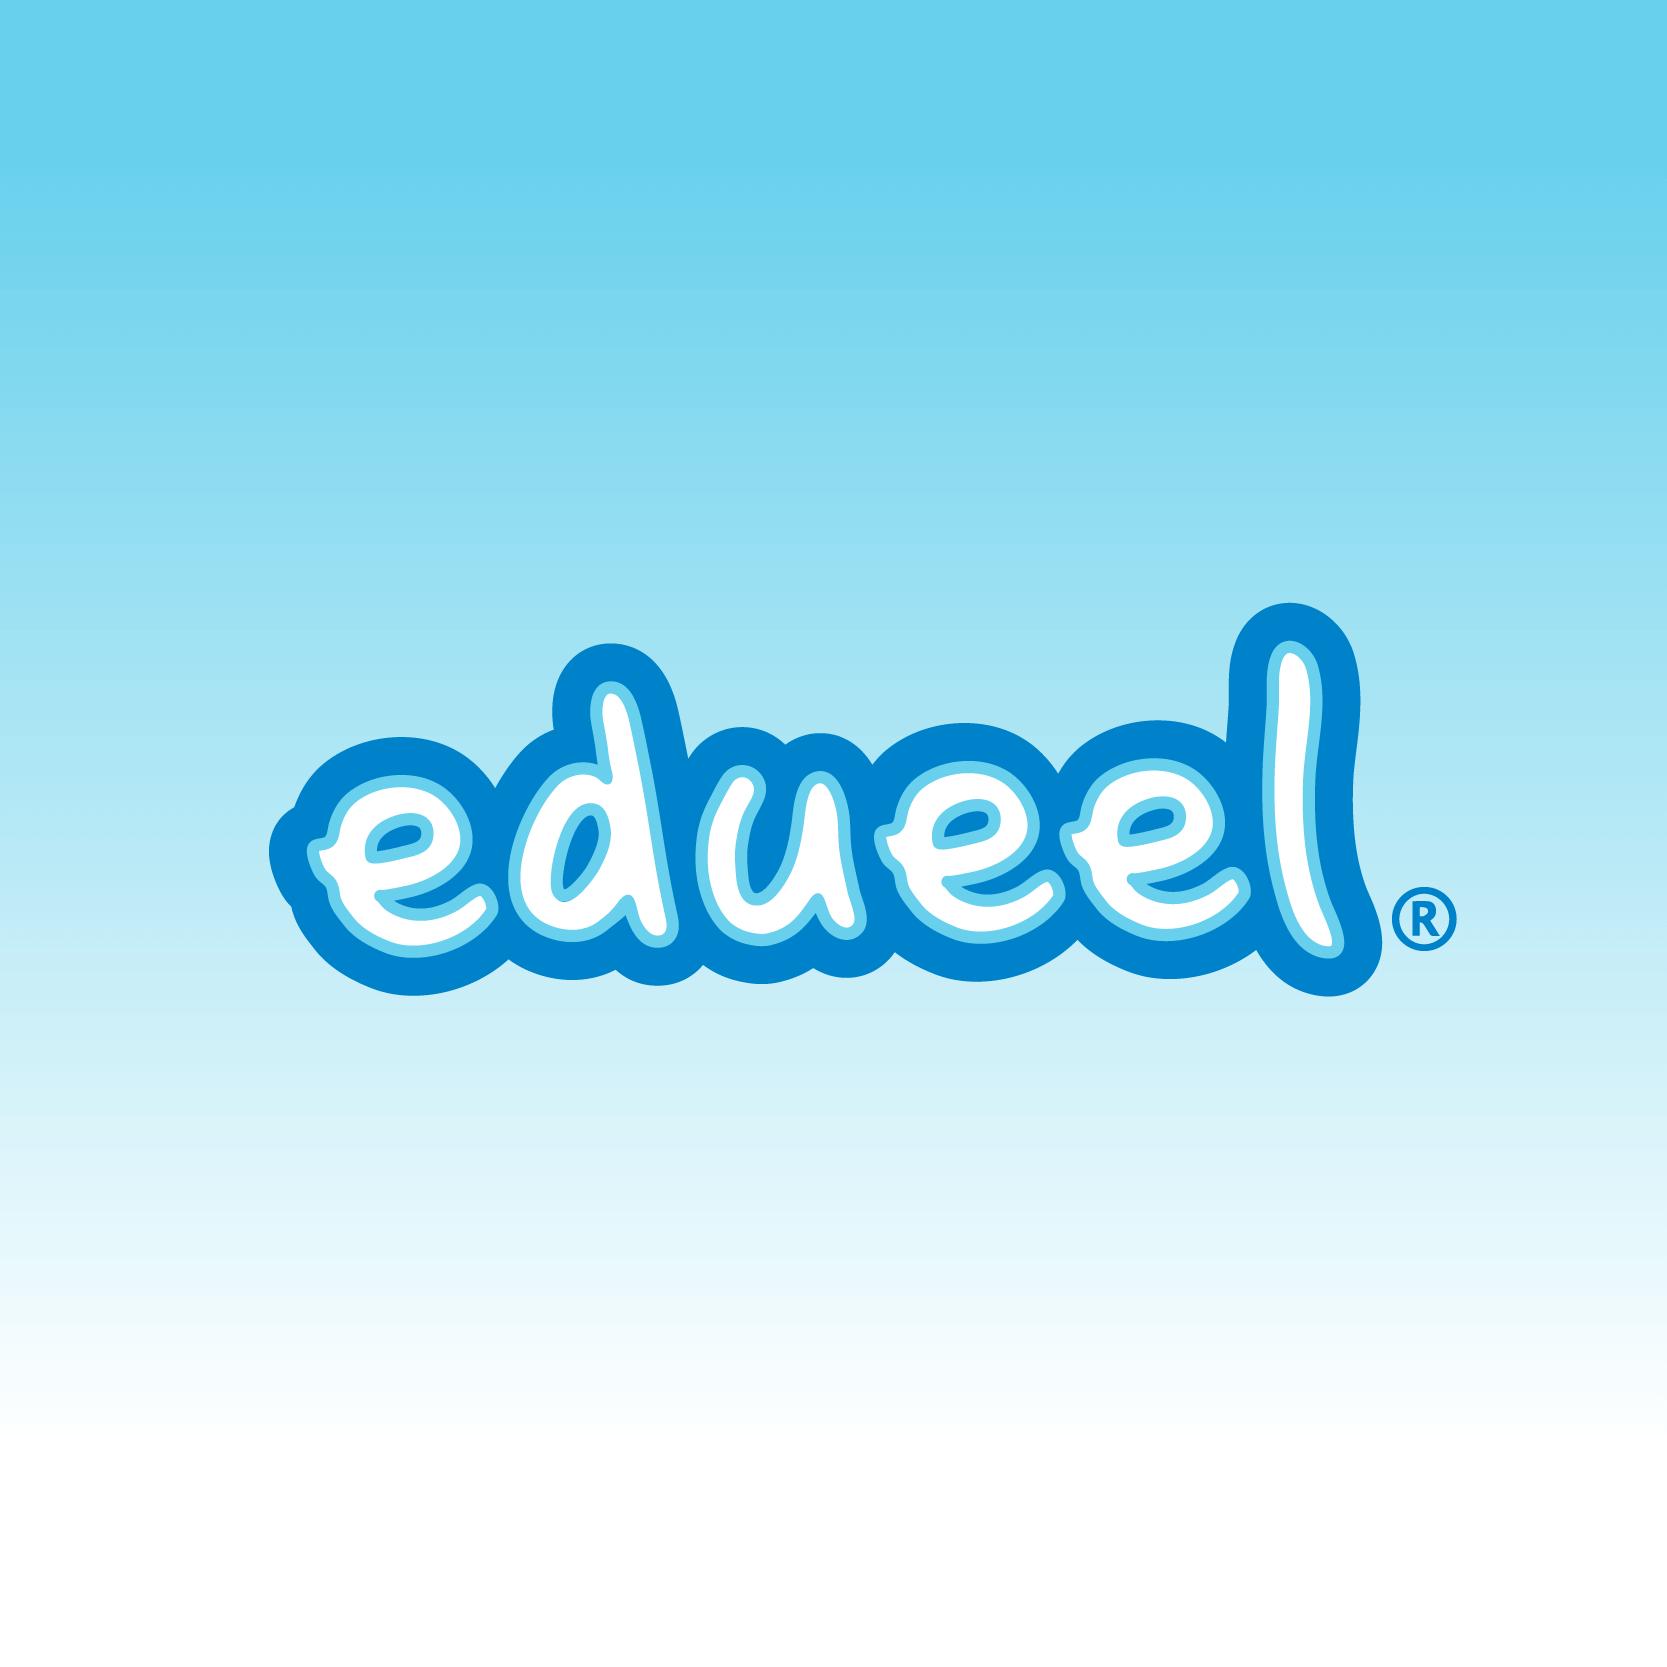 edueel-slider-03